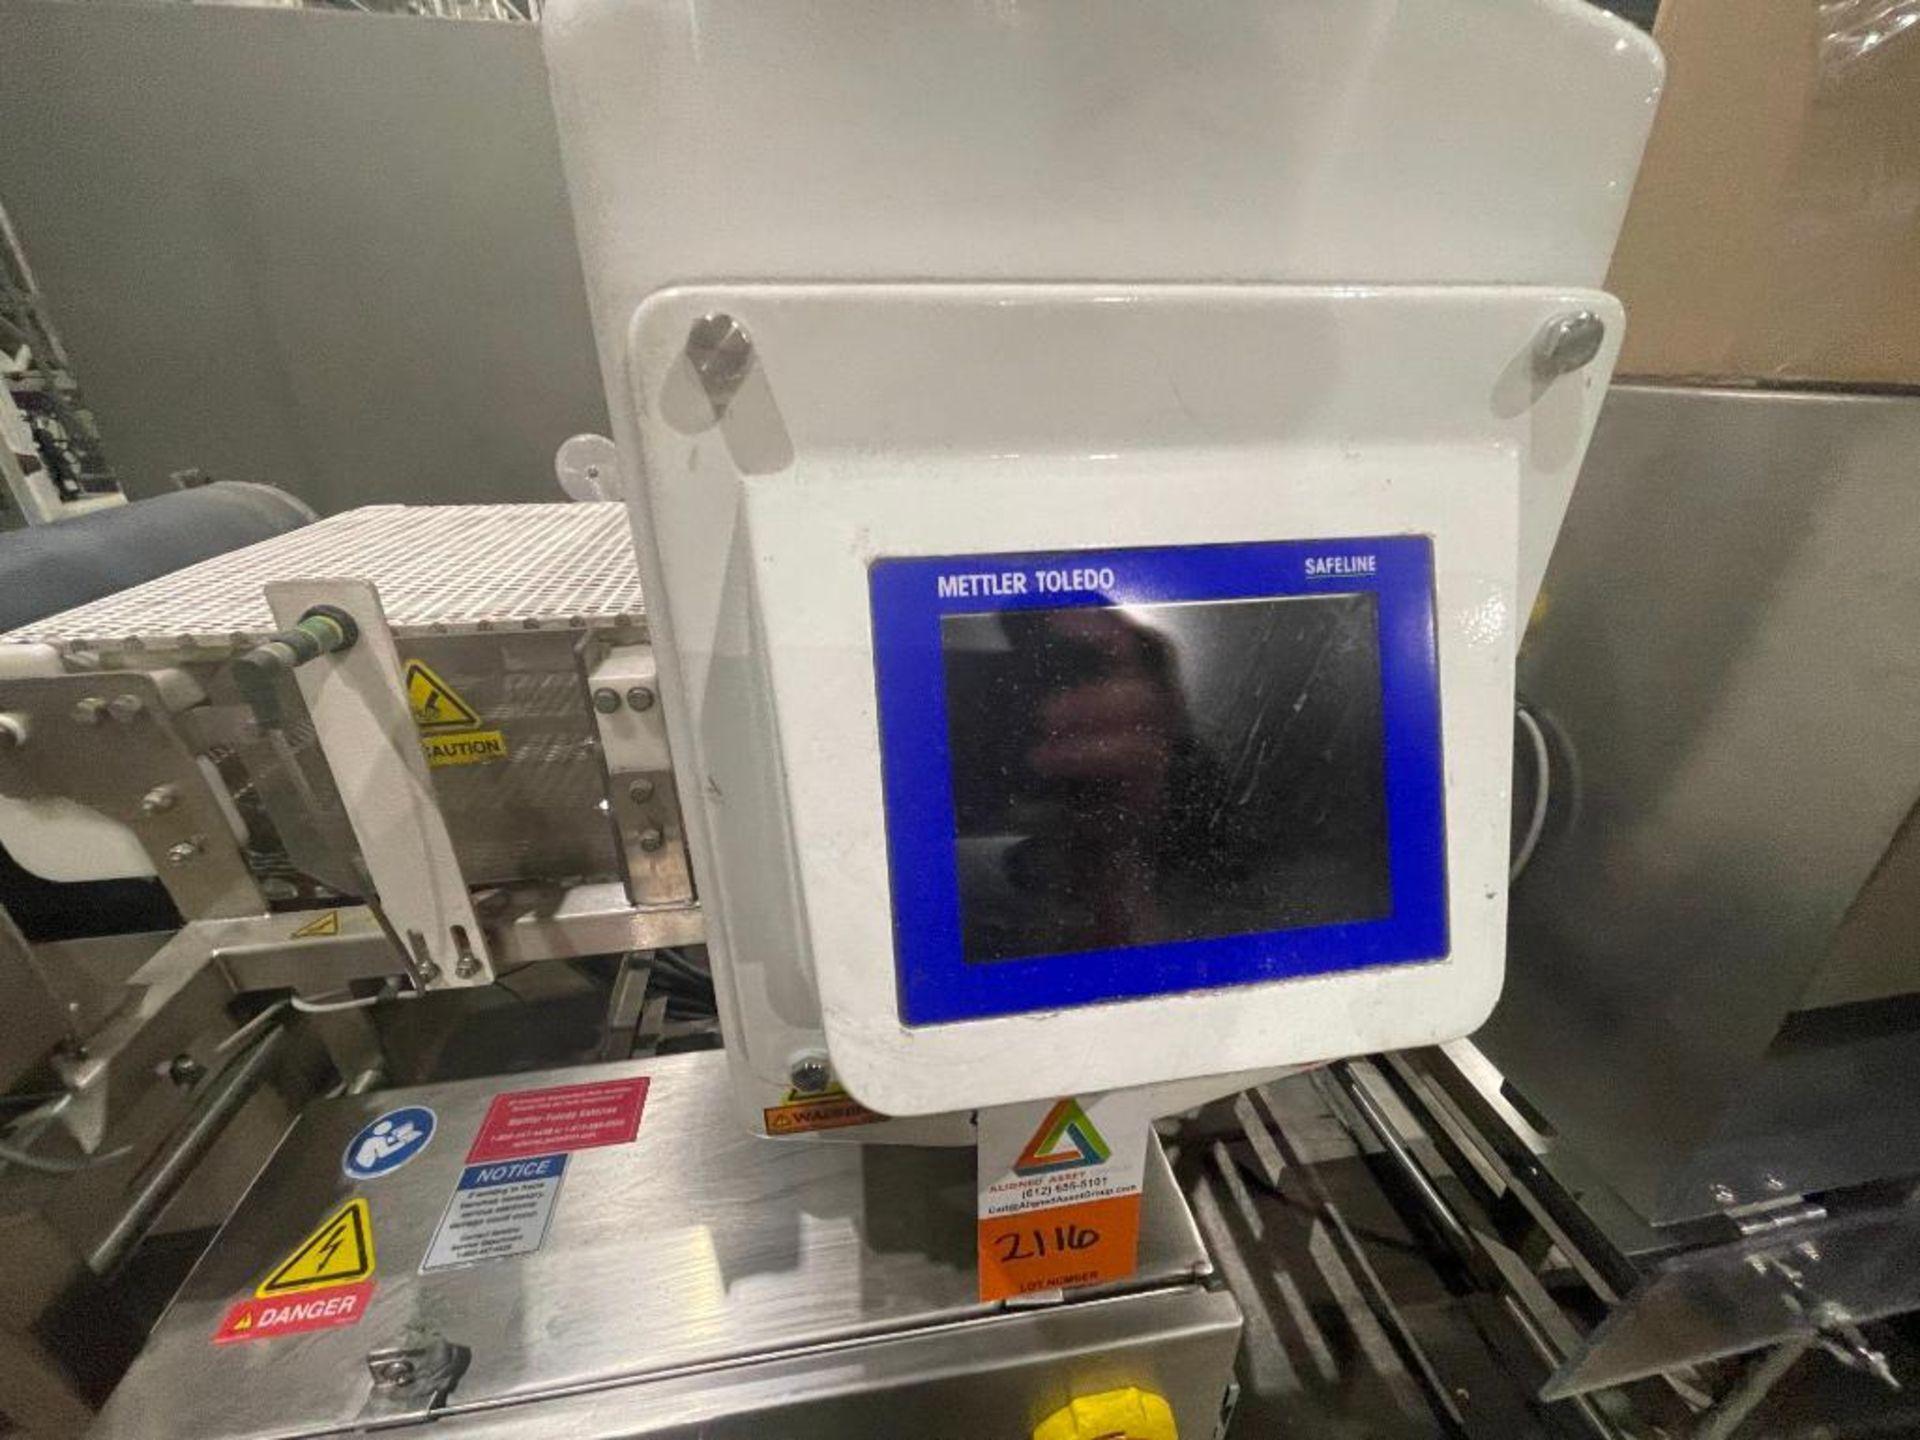 2016 Mettler Toledo metal detector, model SL1500 - Image 3 of 15